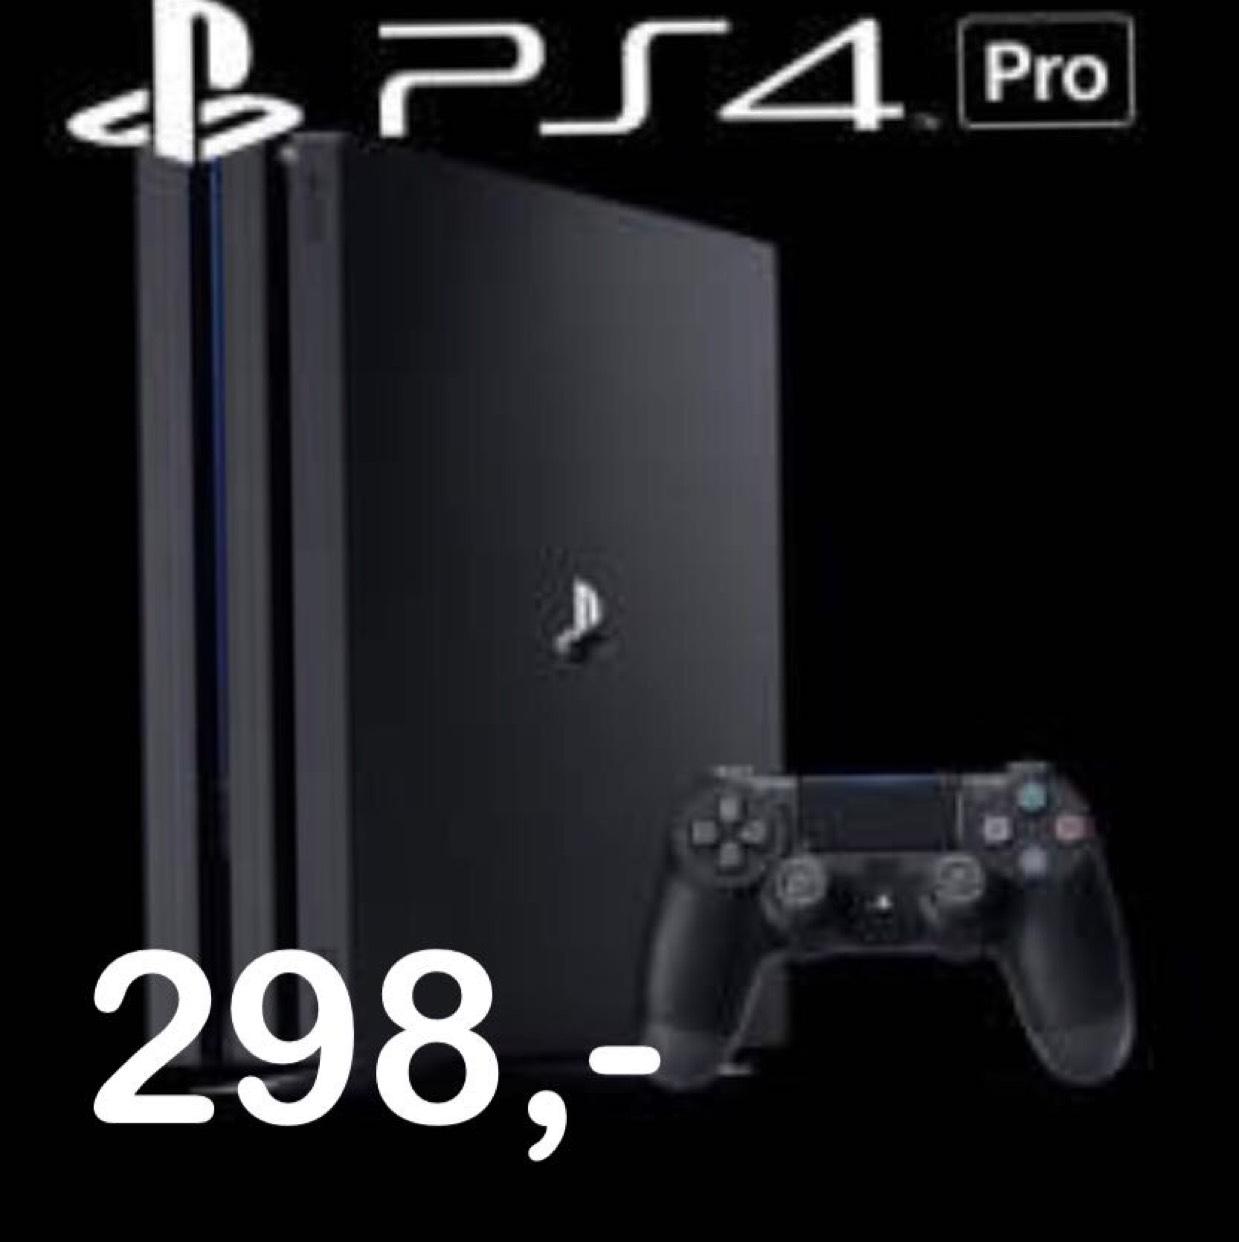 PS4 Pro in Fürth bei Nürnberg - Black Angebot